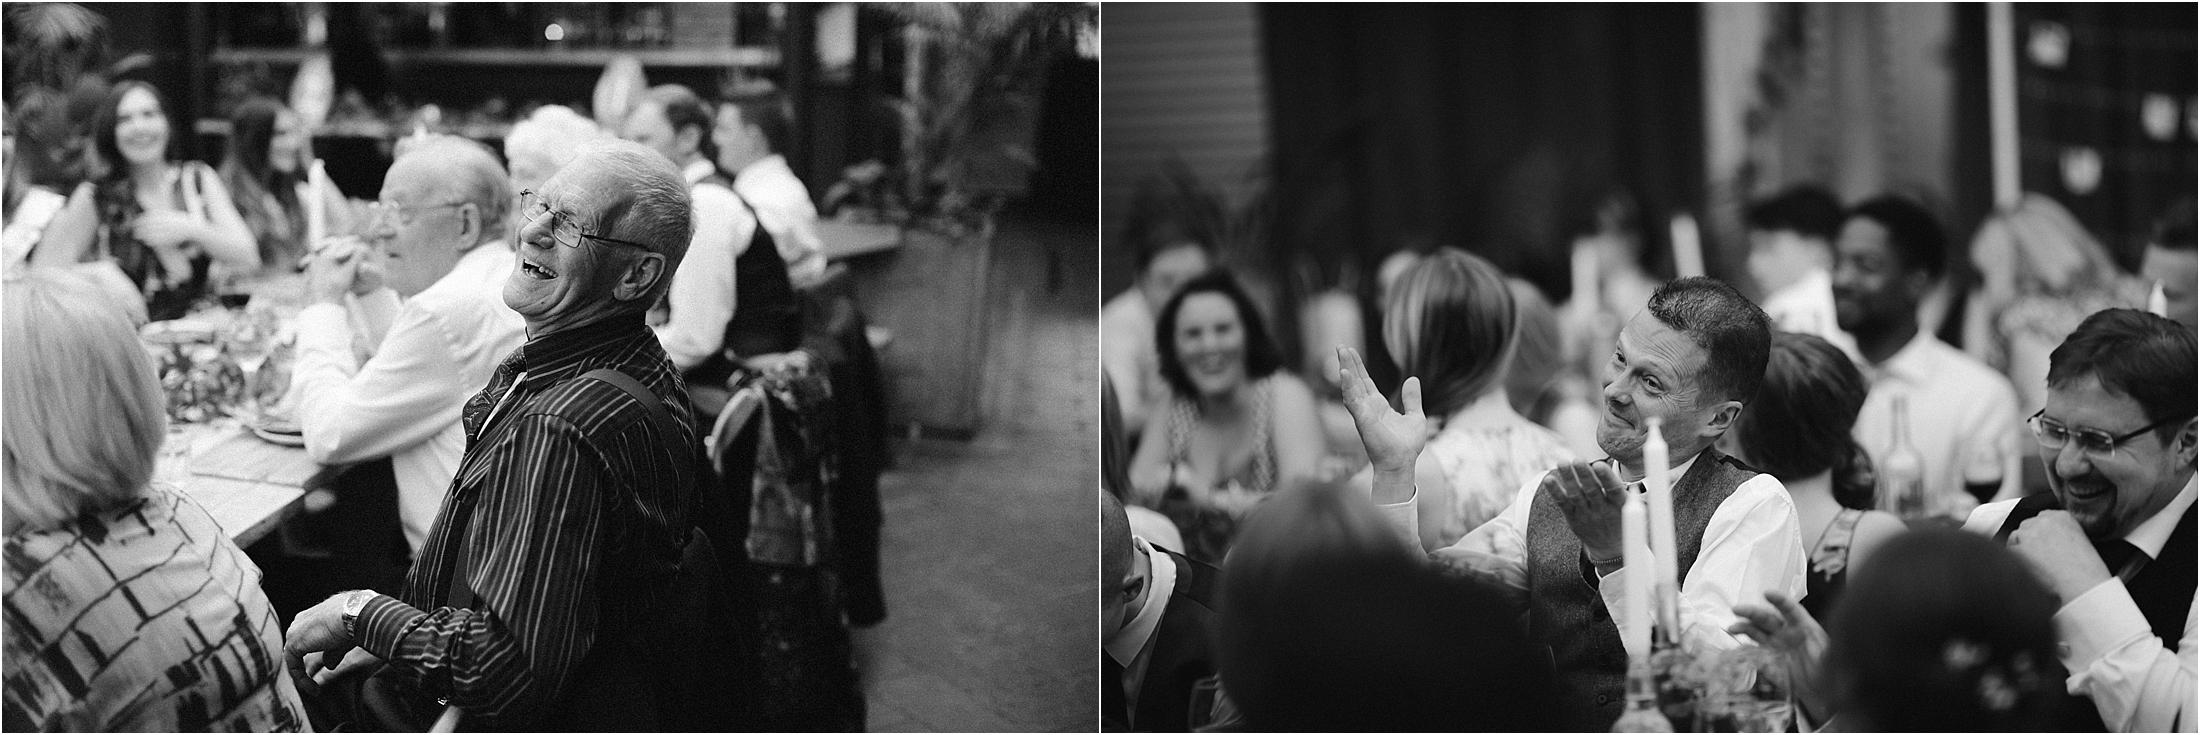 Glasgow-BAaD-Wedding_96.jpg